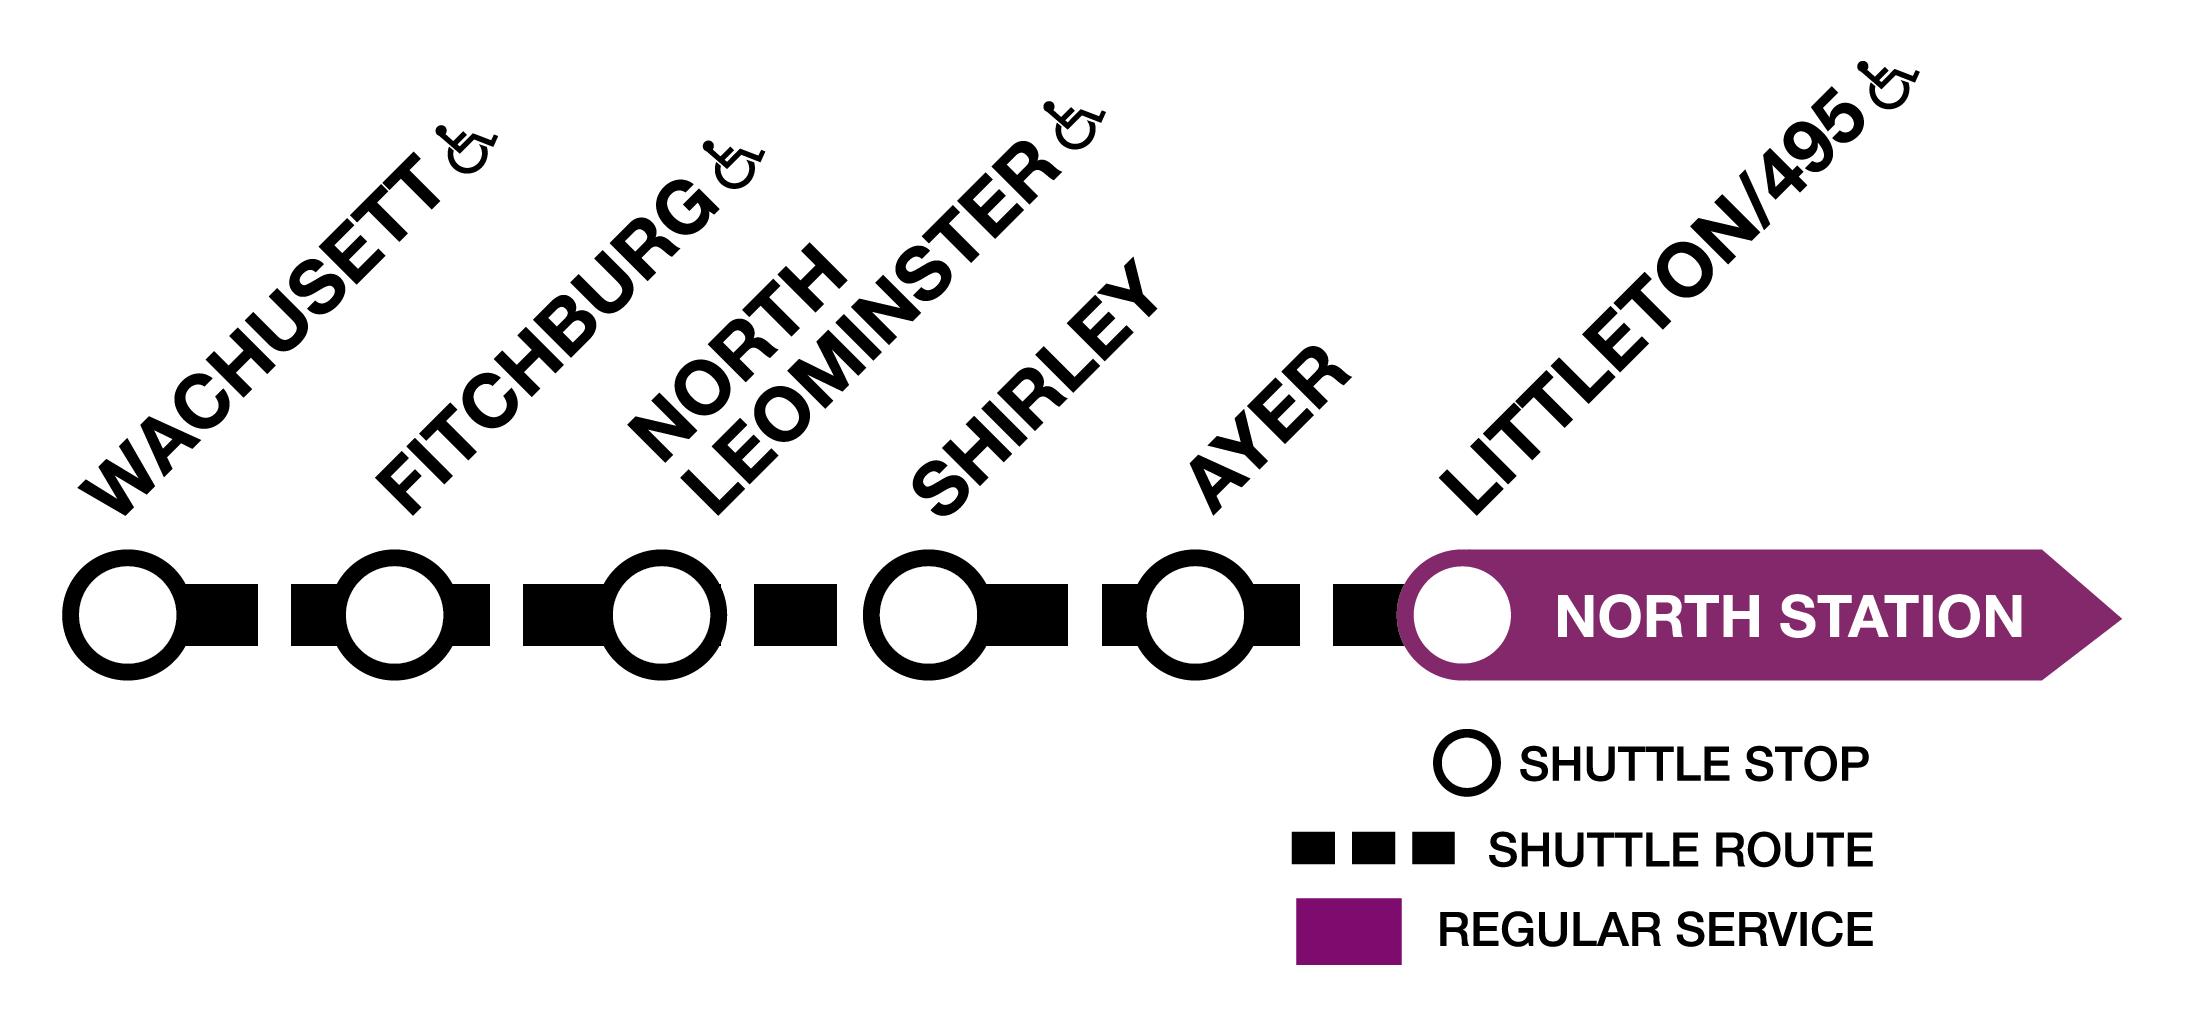 Fitchburg Line diagram, showing shuttles running between Wachusett and Littleton.